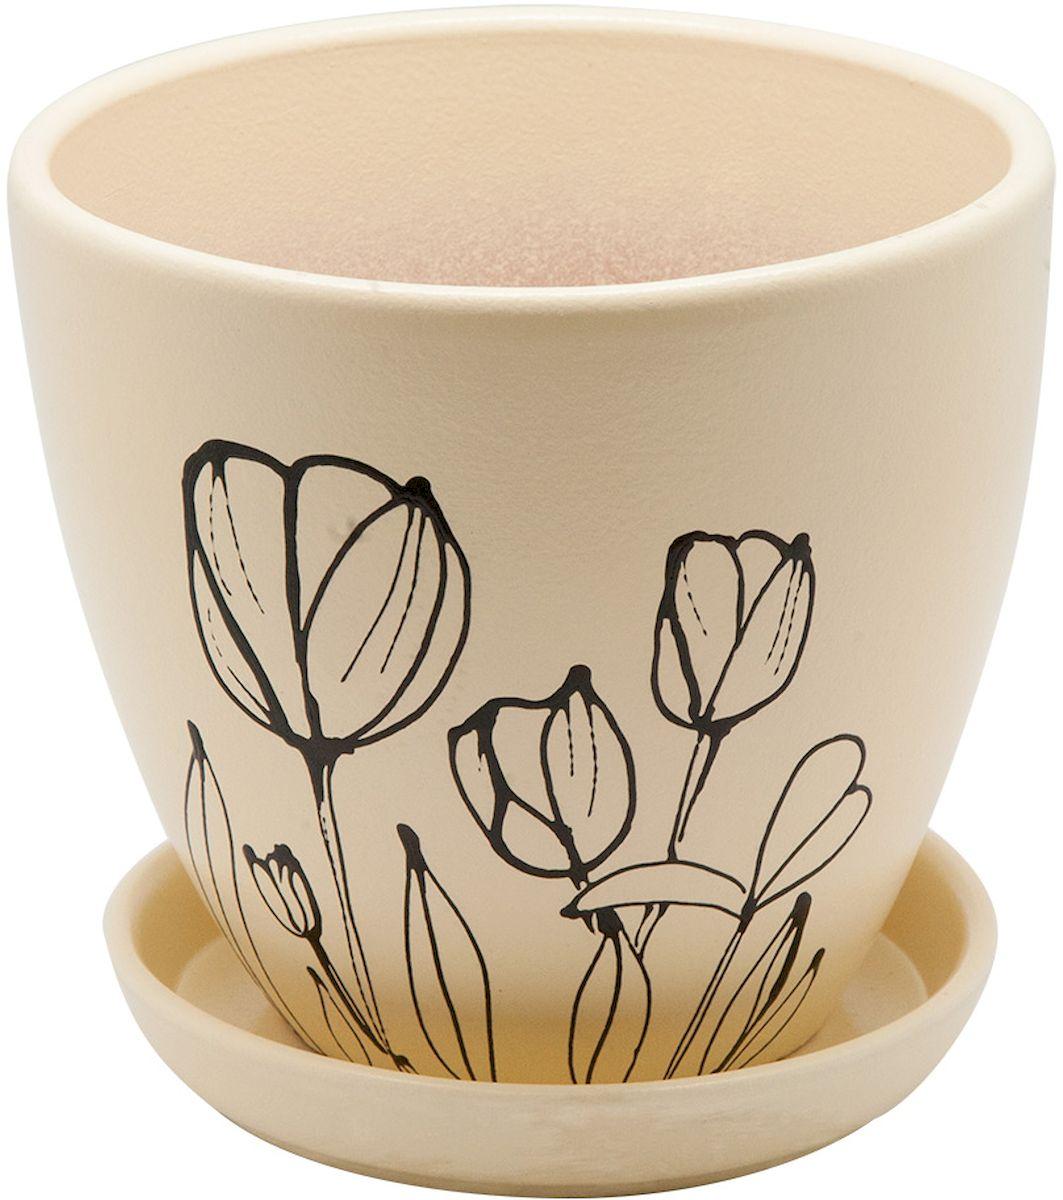 Горшок цветочный Engard, с поддоном, 2,4 л. BH-23-2K100Керамический горшок - это идеальное решение для выращивания комнатных растений и создания изысканности в интерьере. Керамический горшок сделан из высококачественной глины в классической форме и оригинальном дизайне.